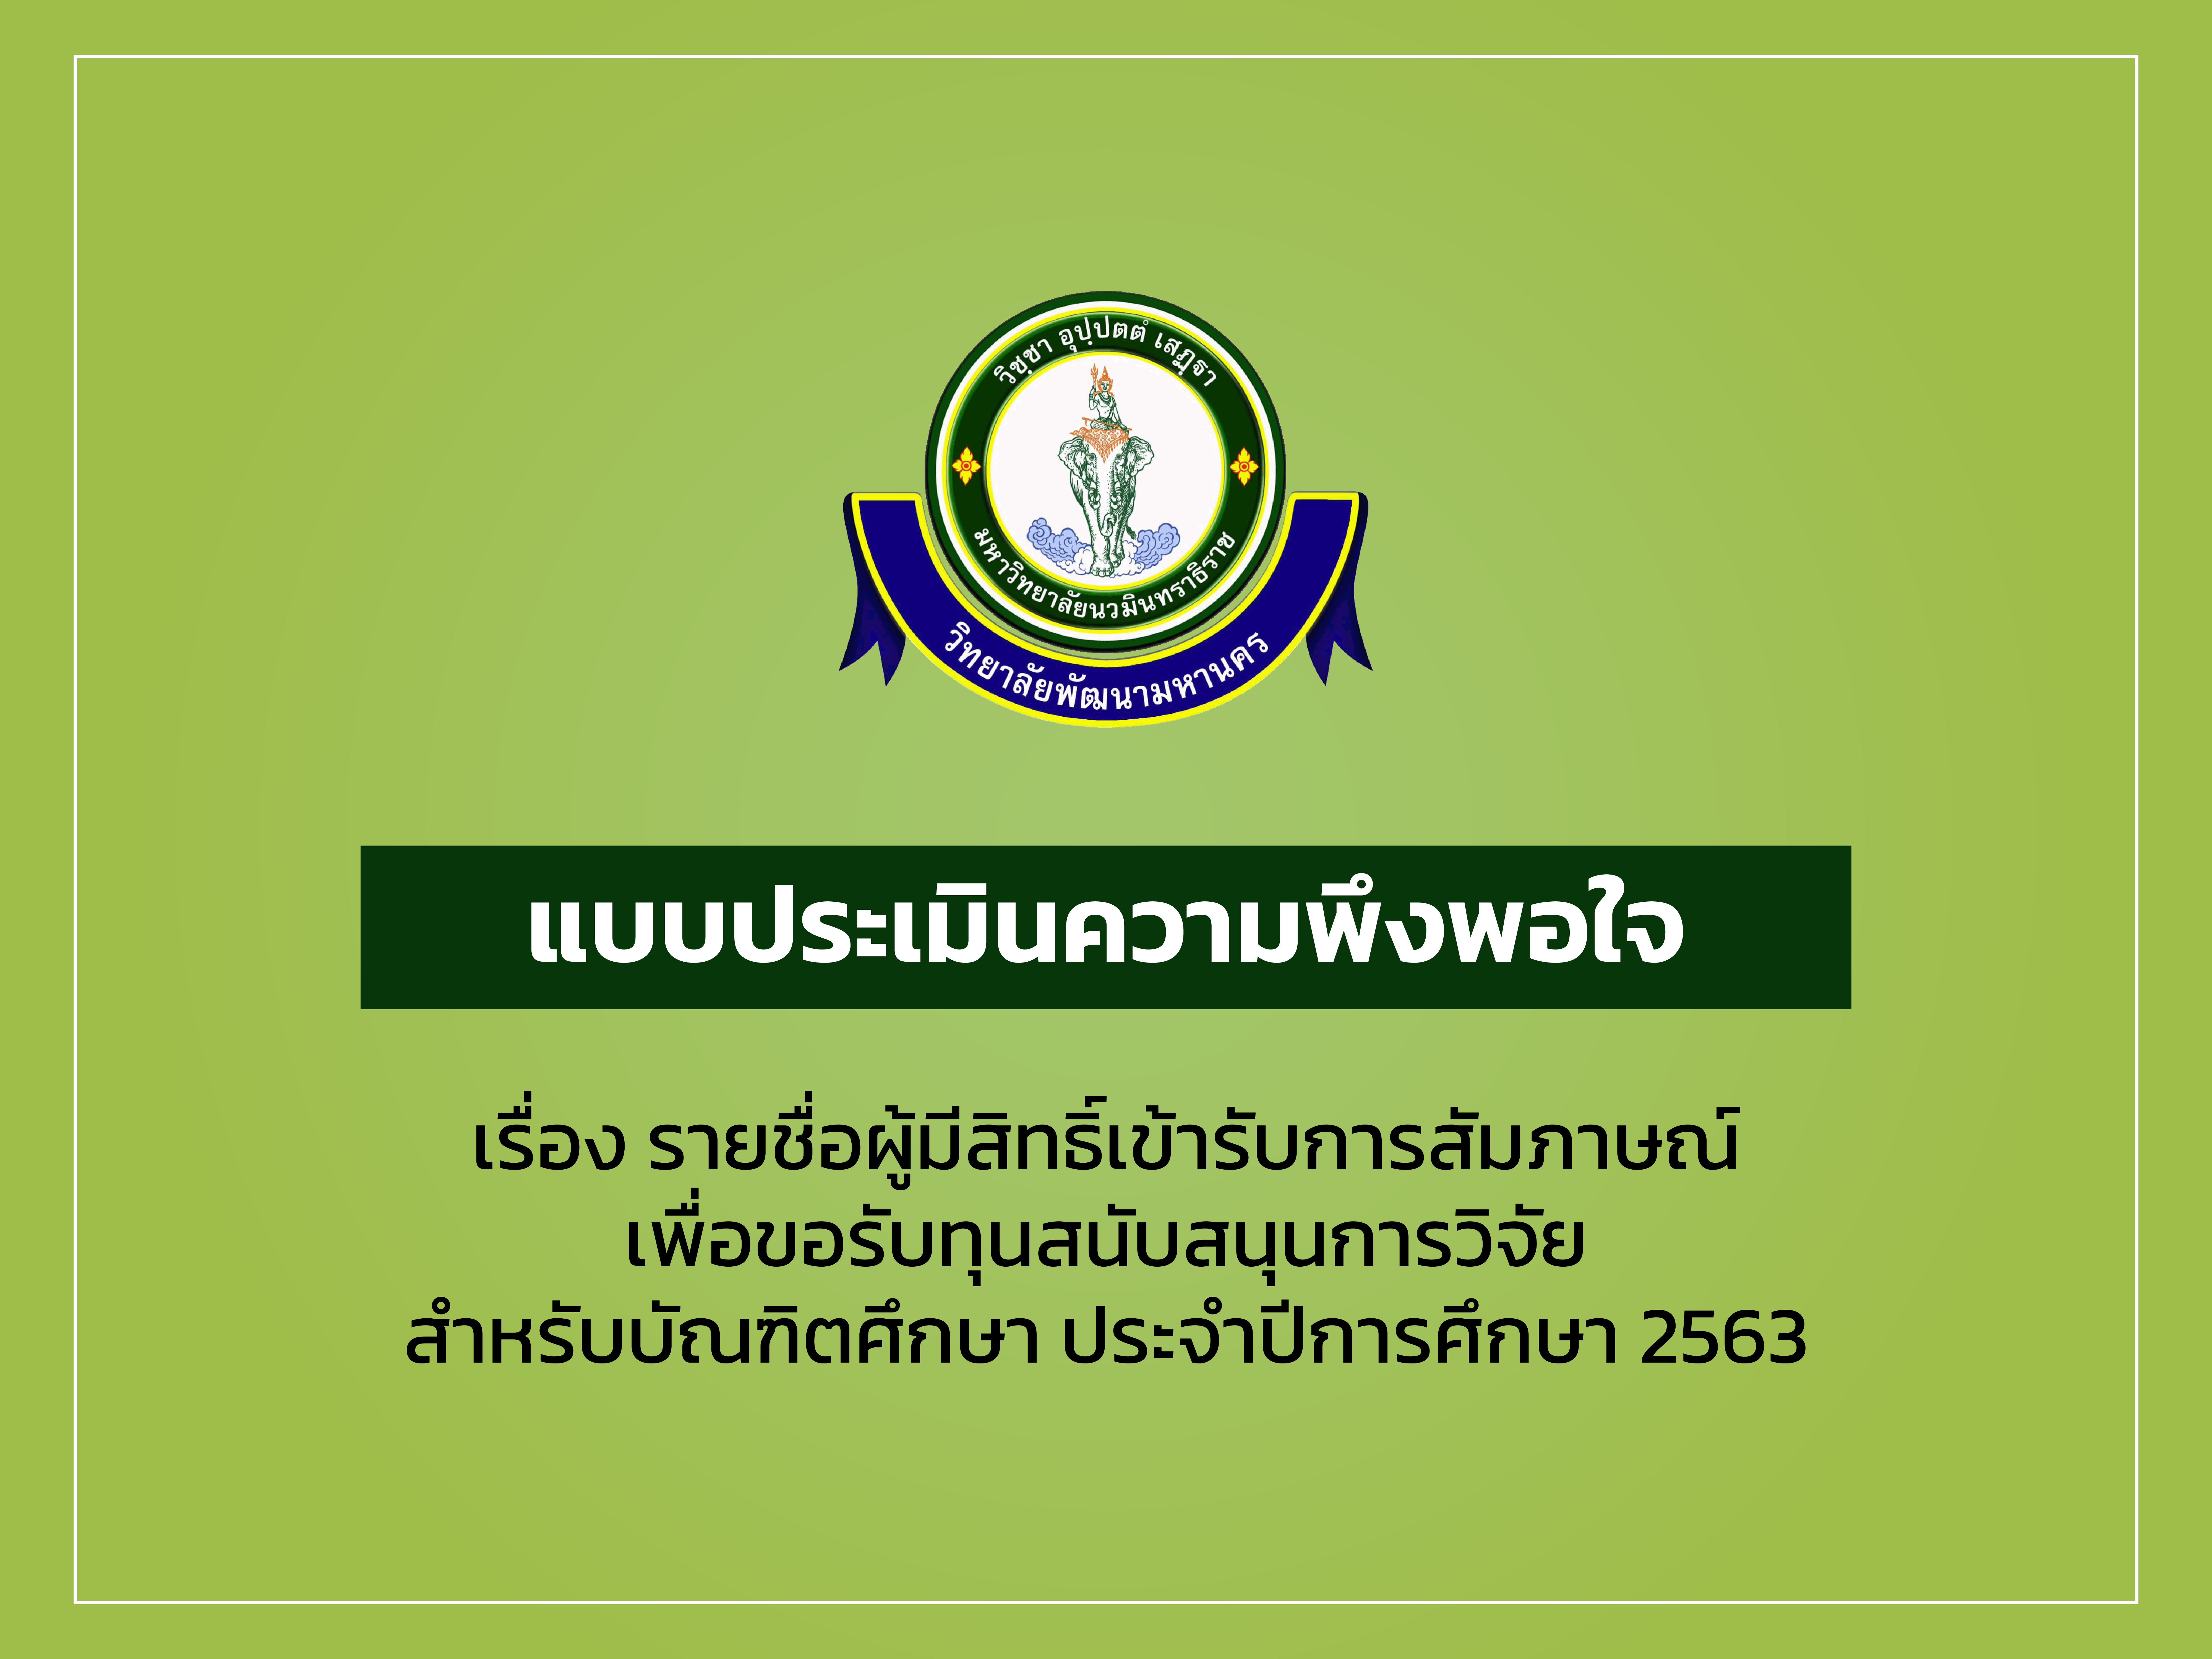 [ประกาศ] รายชื่อผู้มีสิทธิ์เข้ารับการสัมภาษณ์เพื่อขอรับทุนสนับสนุนการวิจัยสำหรับบัณฑิตศึกษา ประจำปีการศึกษา 2563